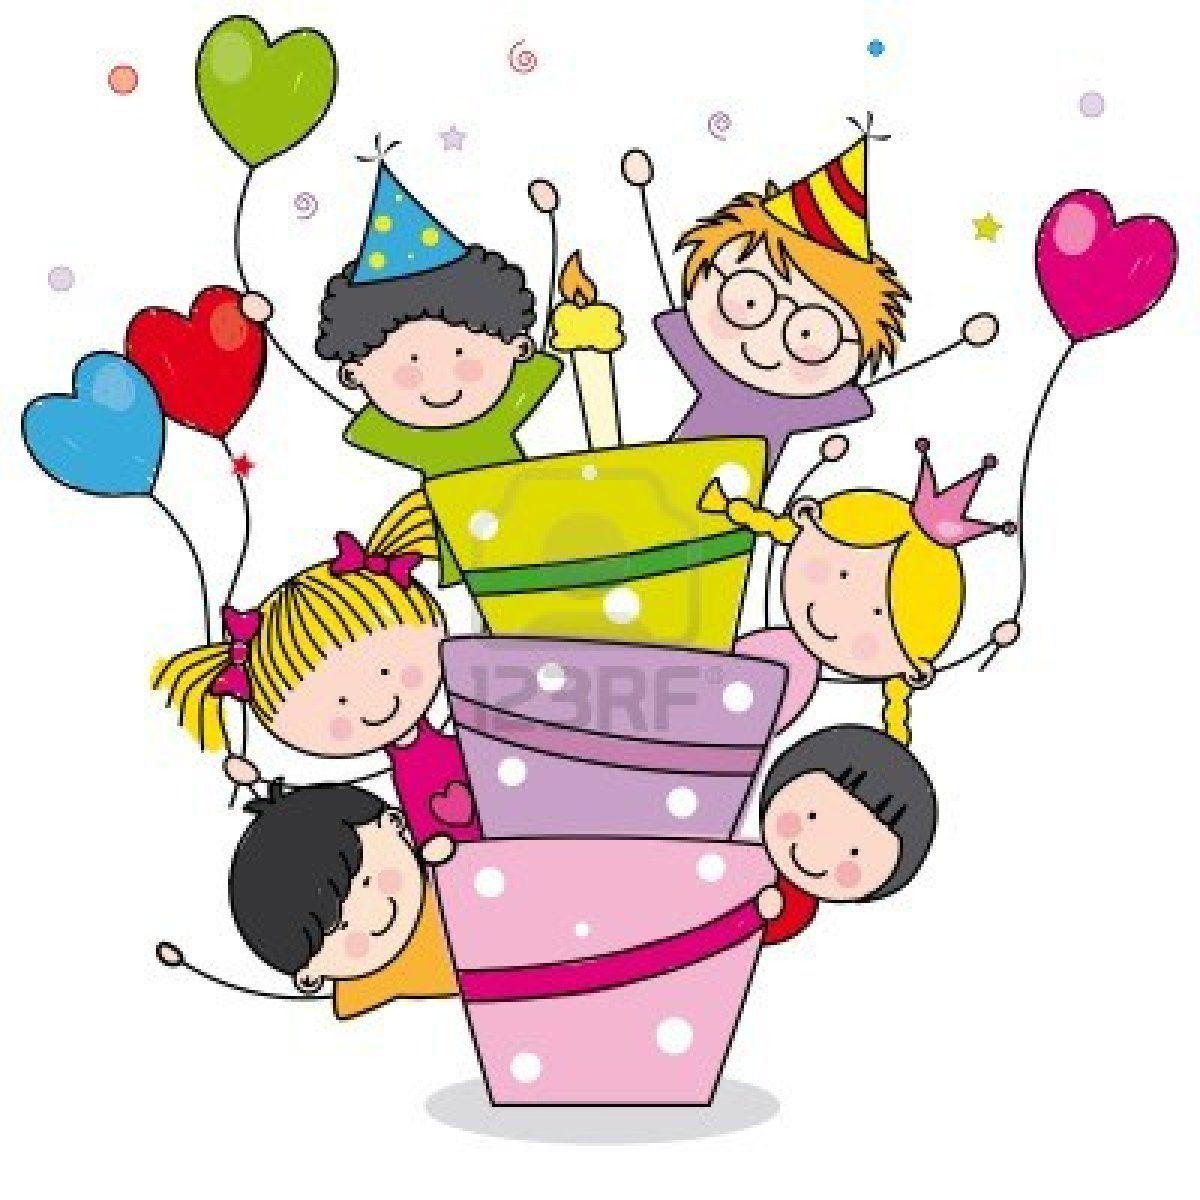 imagenes de celebrar cumplea os google search celebraciones rh pinterest nz funny happy birthday clipart images funny happy birthday clipart free